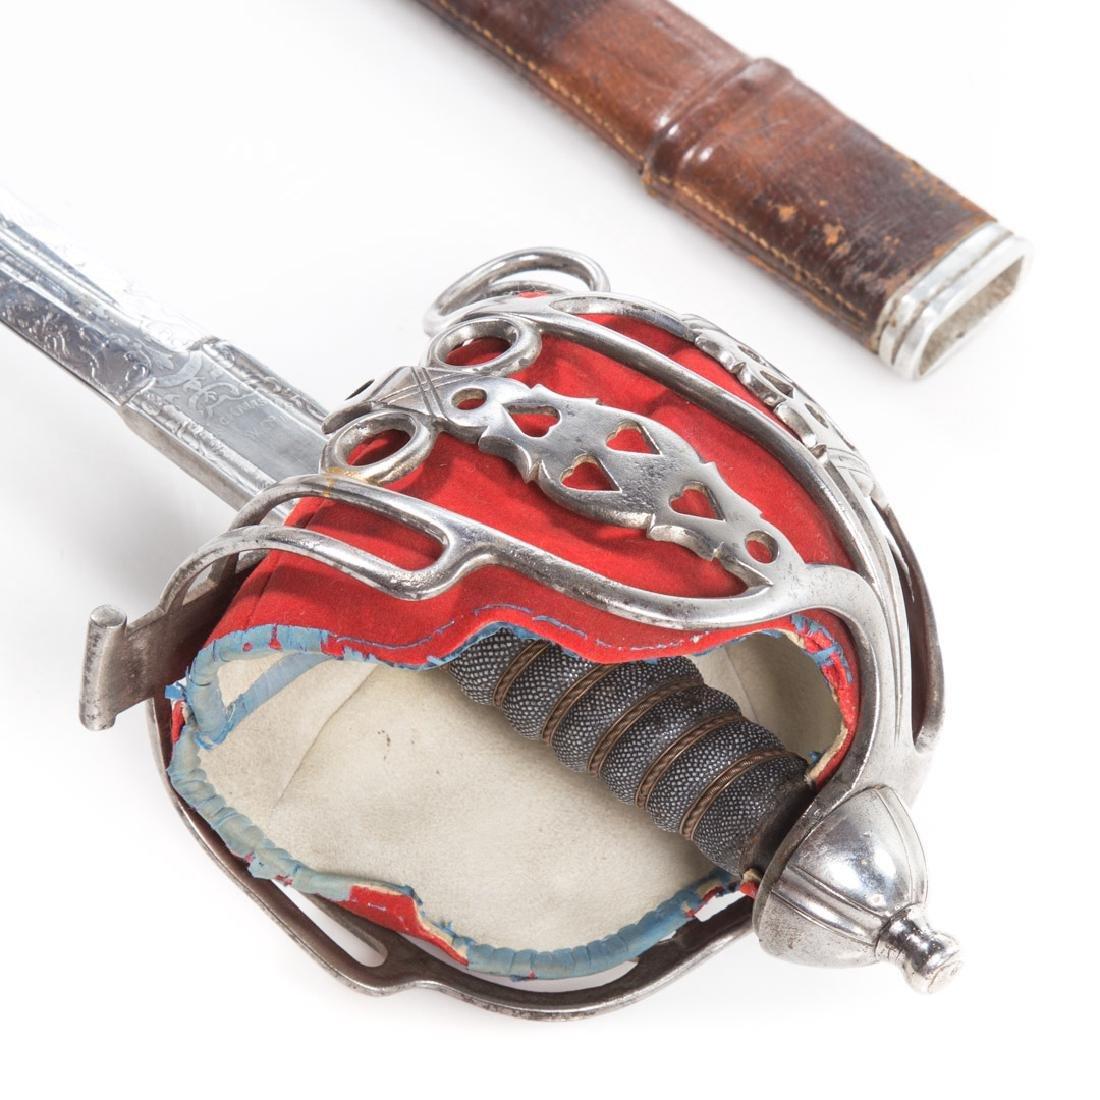 Reproduction of Highland regiment basket sword - 7